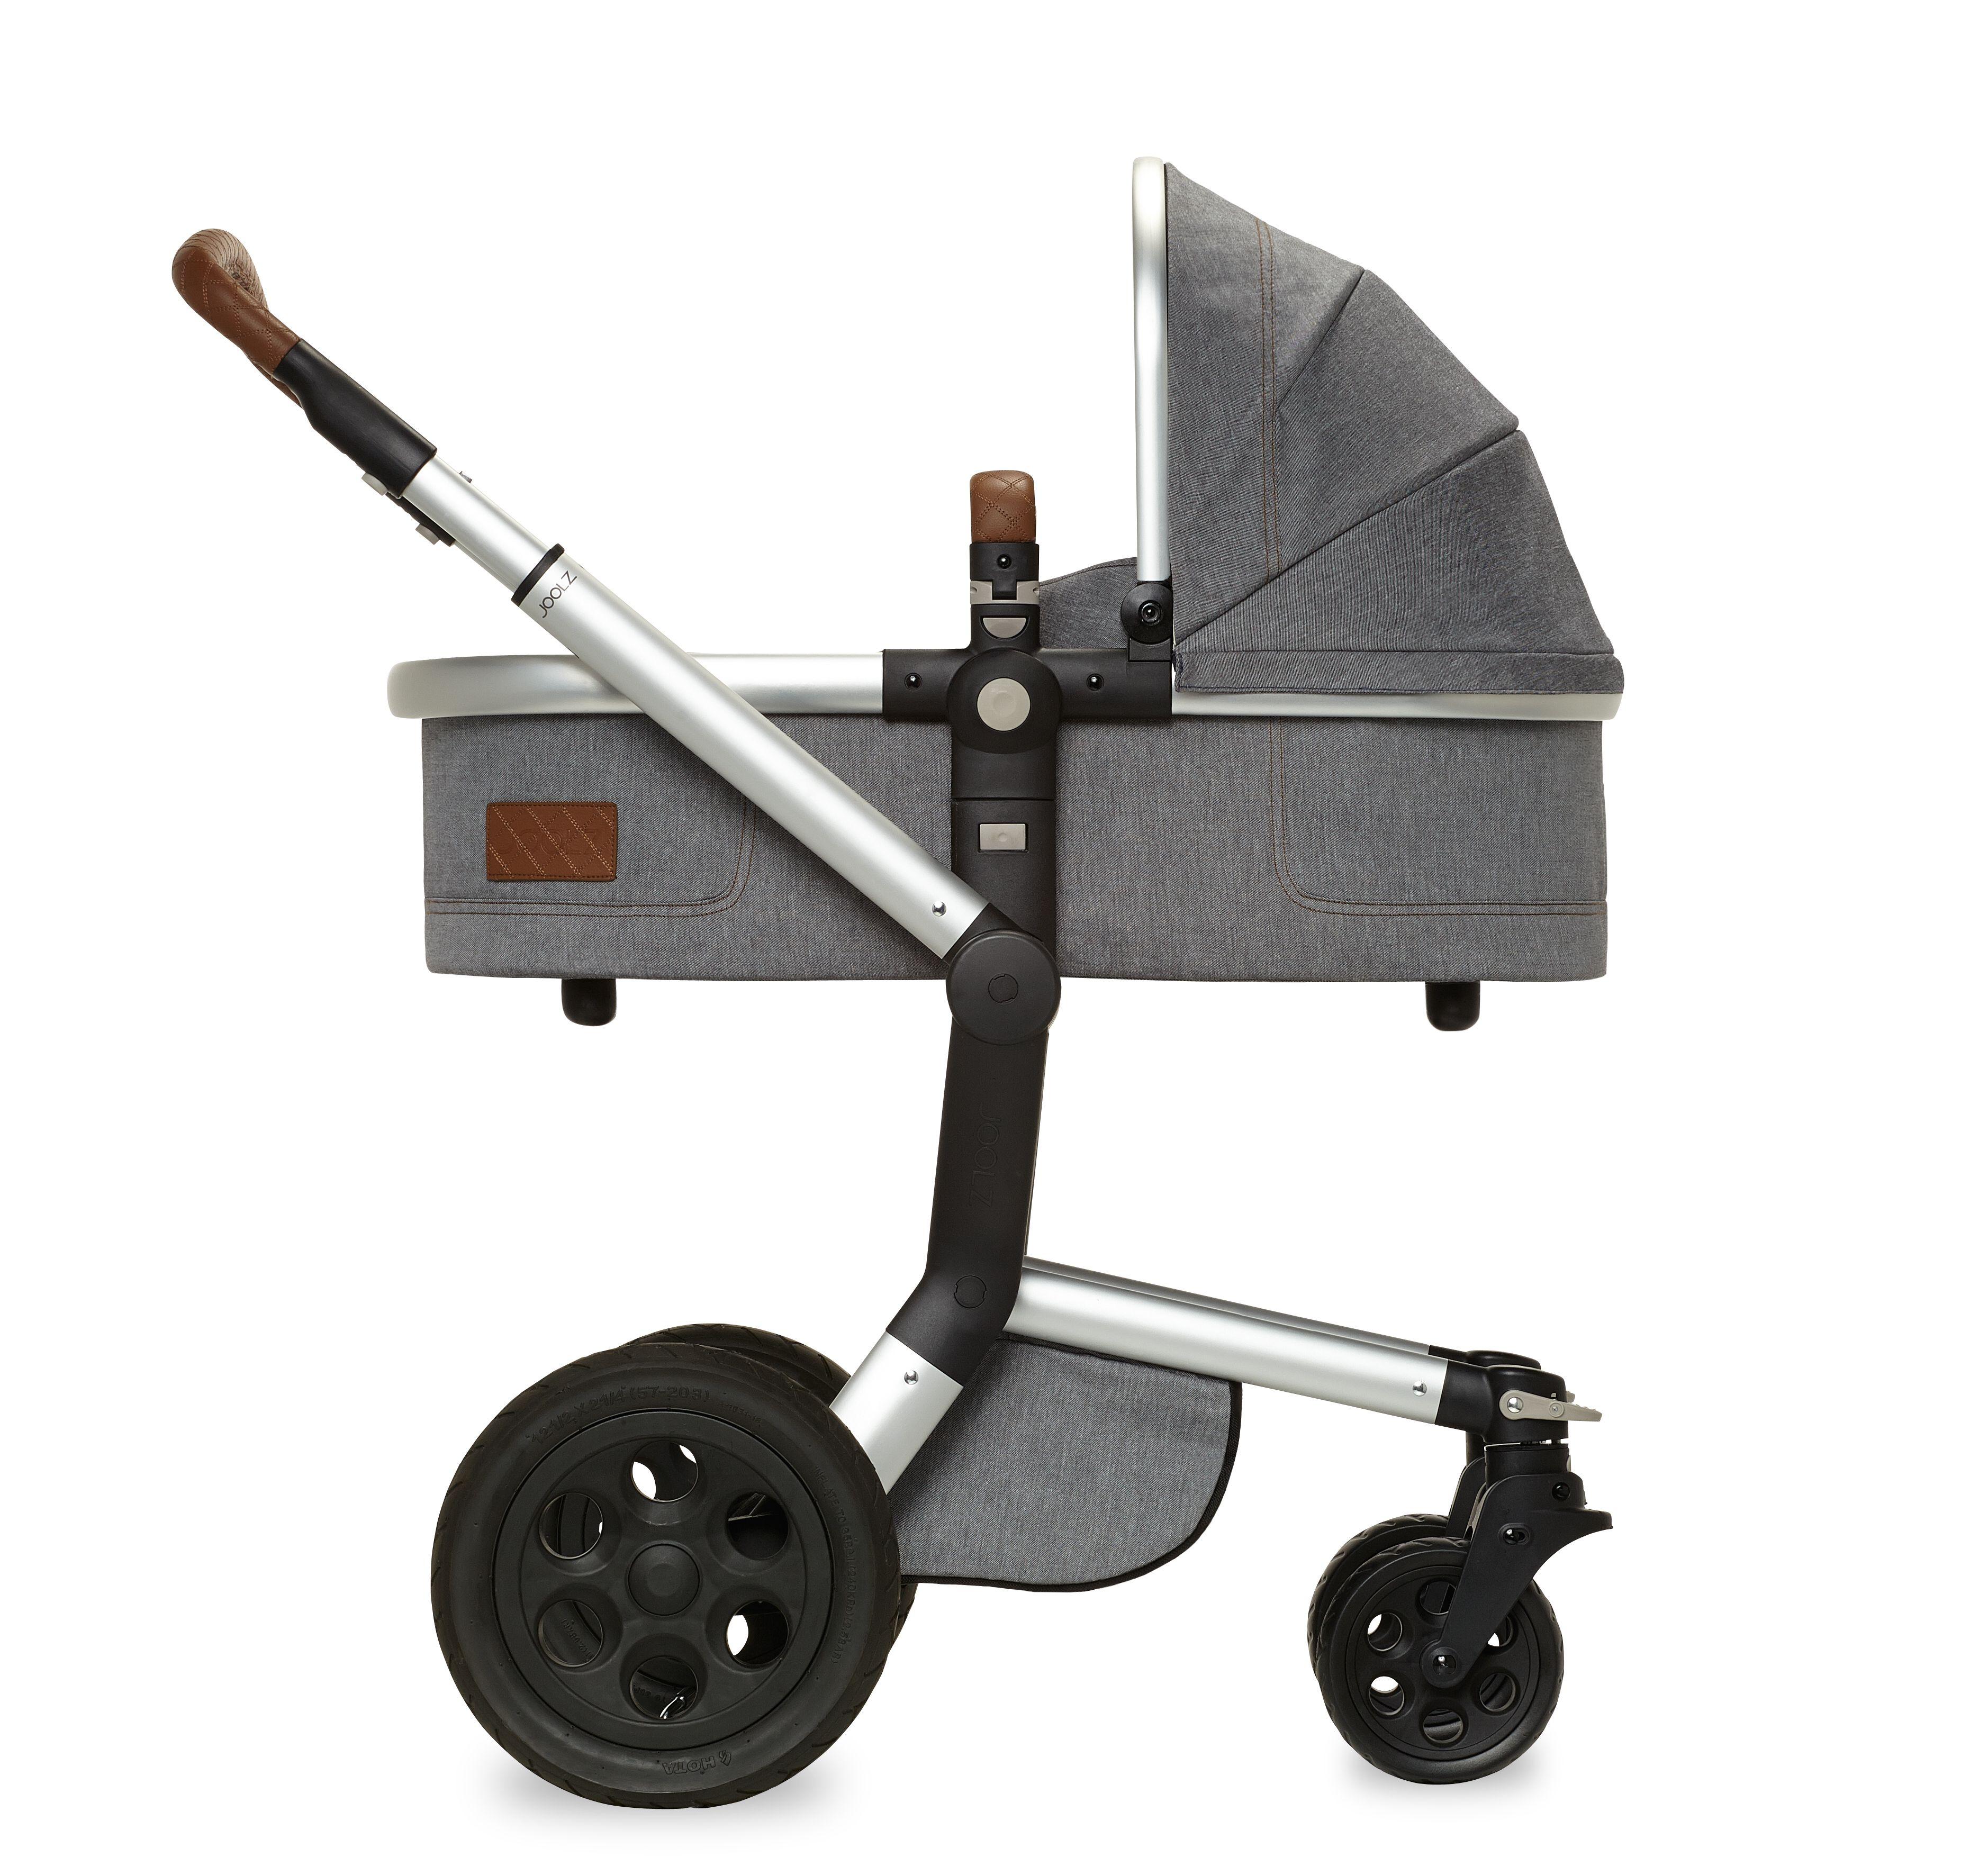 Lovely JOOLZ DAY STUDIO Kombikinderwagen Joolz Day Studio online bei baby walz kaufen Nutzen Sie Ihre Vorteile mehr Auswahl mehr Qualit t alle gro en Marken